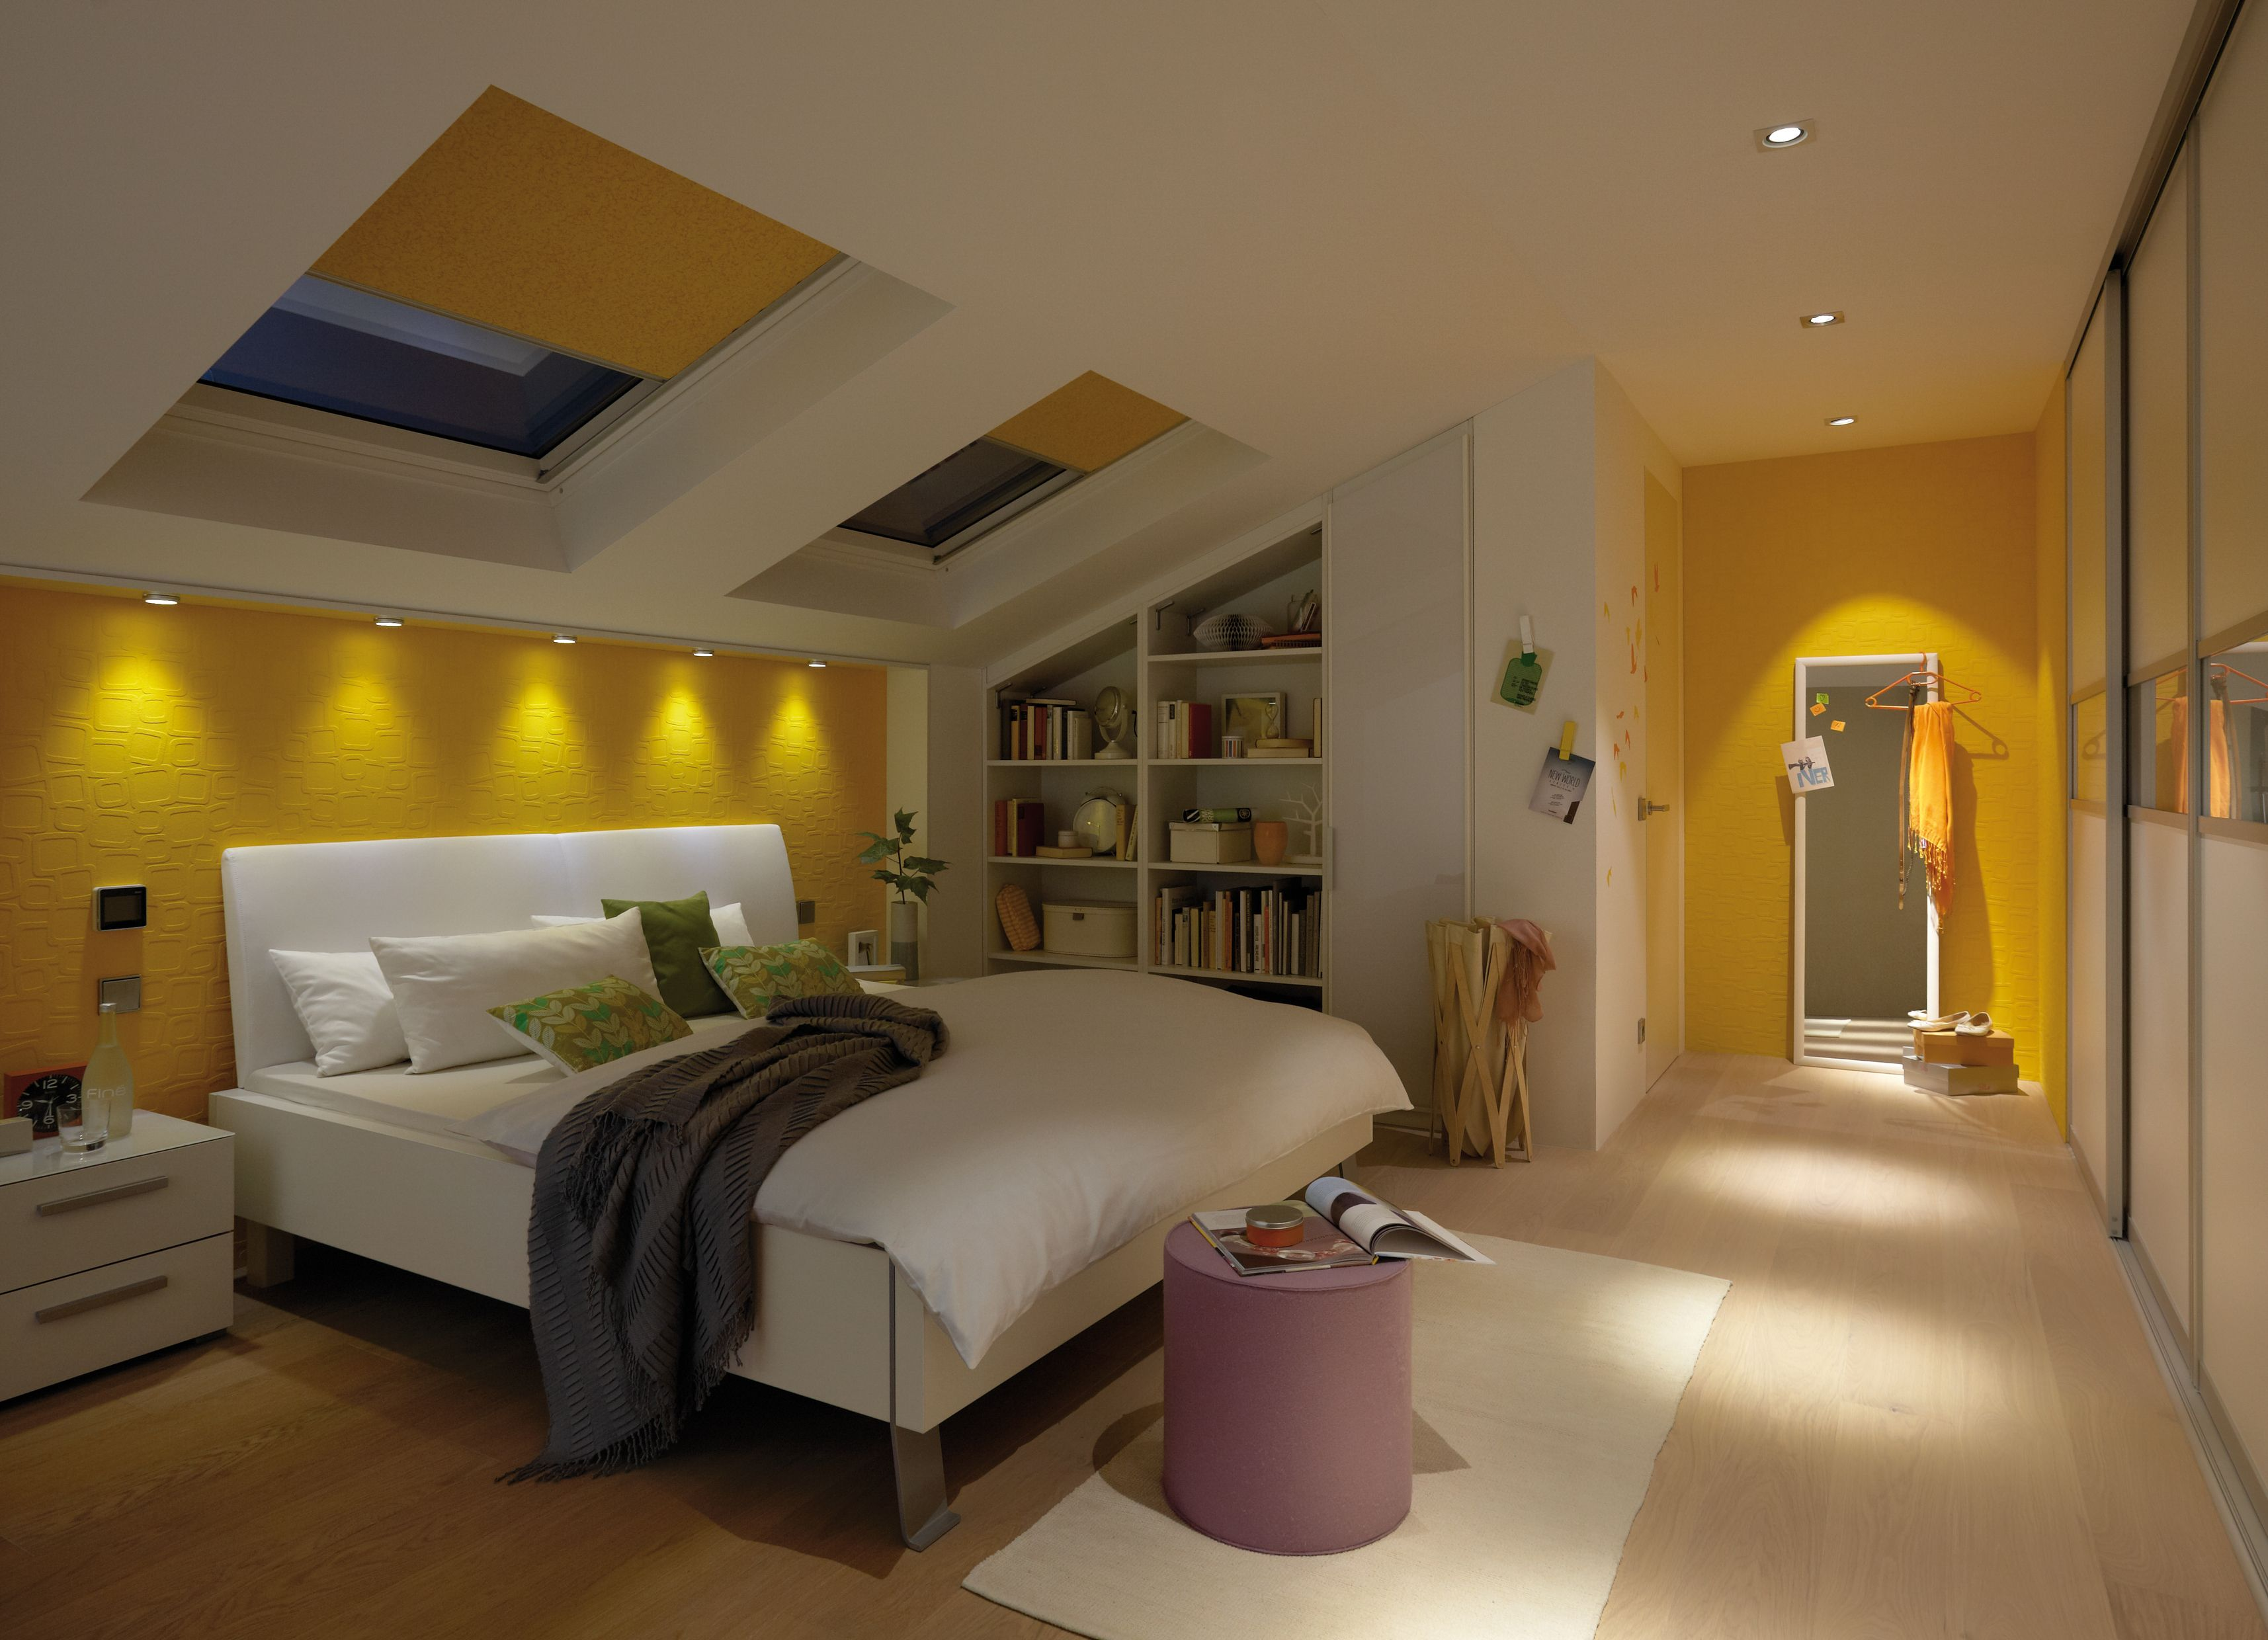 Beleuchtungsideen fürs Schlafzimmer (mit Bildern)  Schlafzimmer